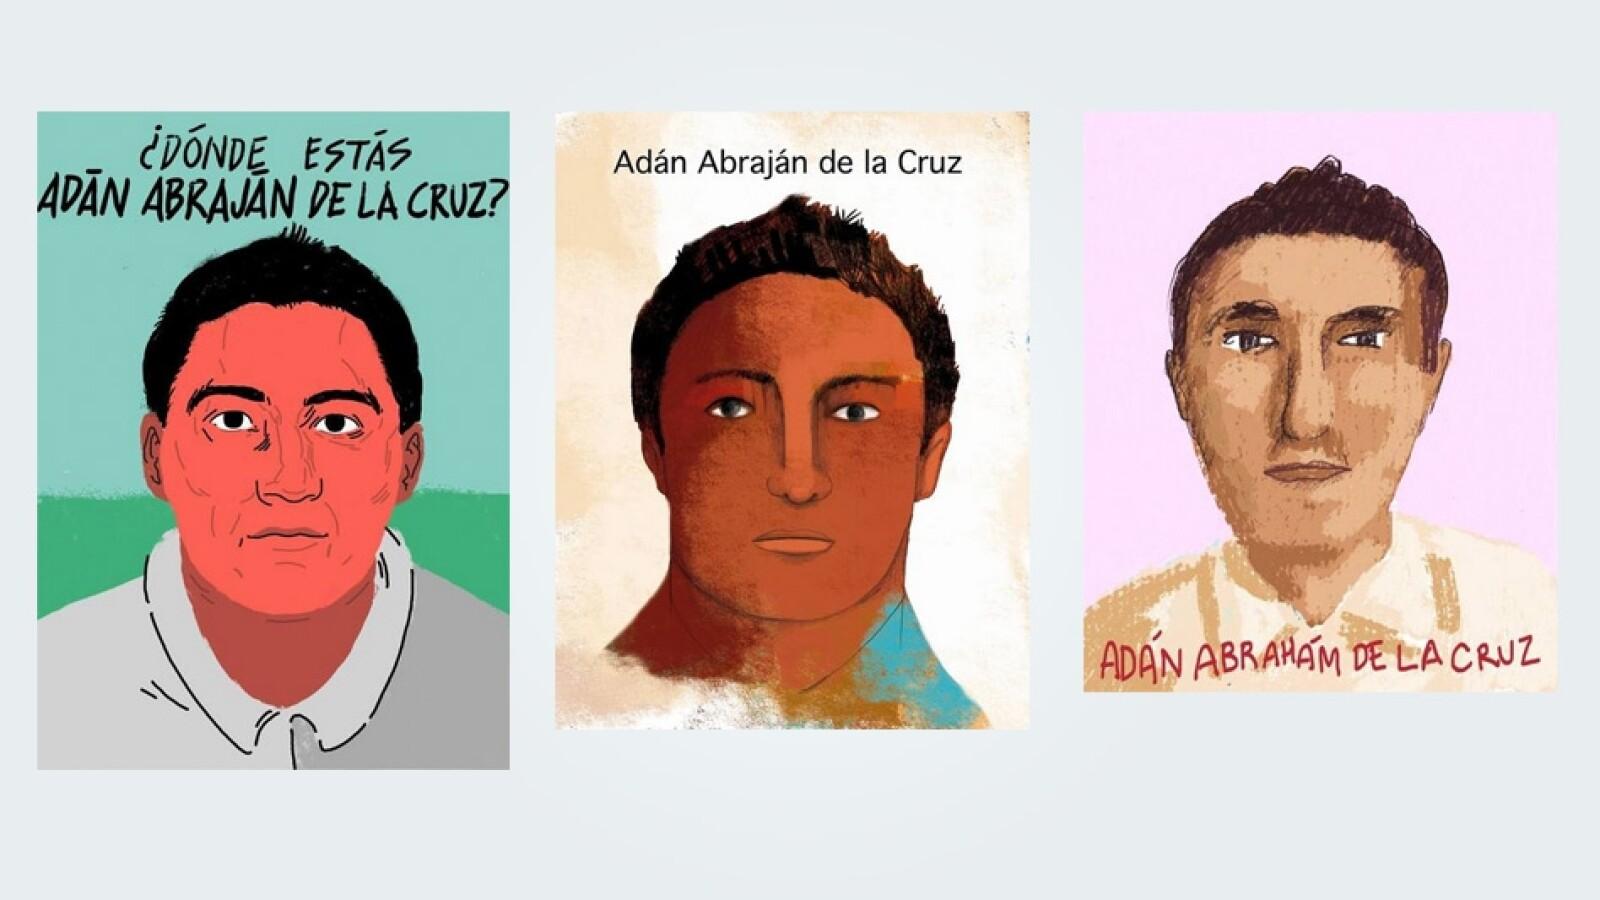 Adan de la Cruz Ayotzinapa